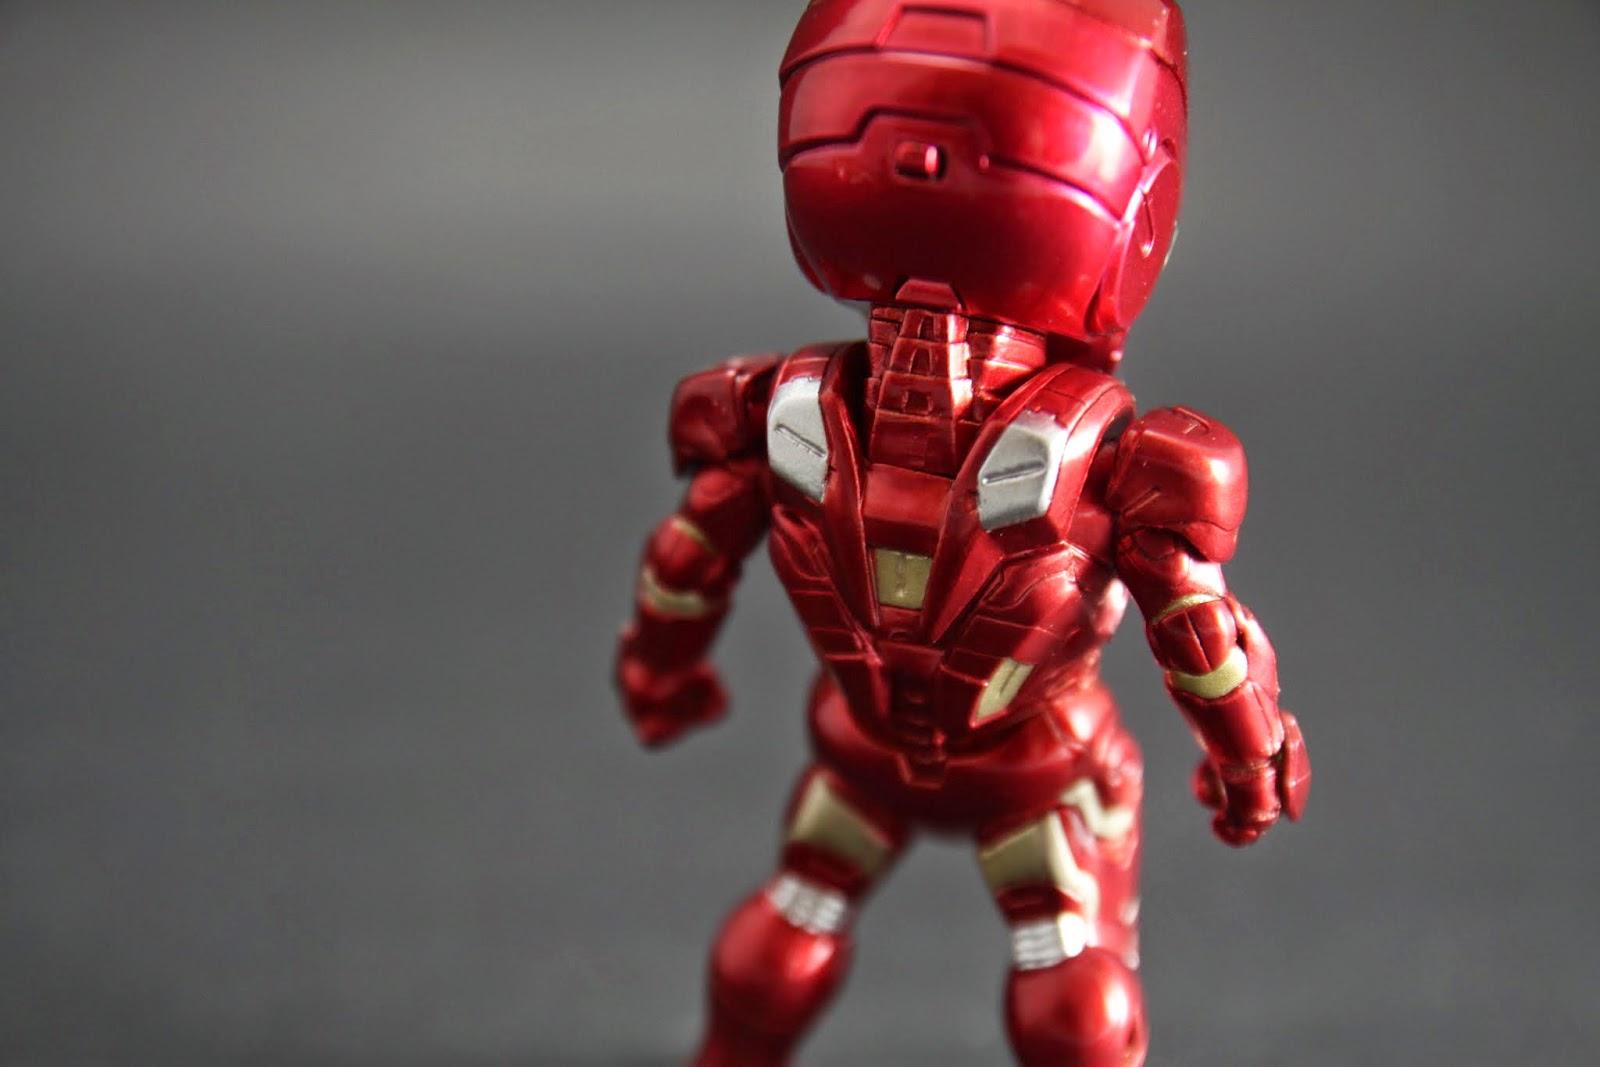 背部的擾流翼也是外掛 在電影最後有利用拋棄的動能讓東尼回地球